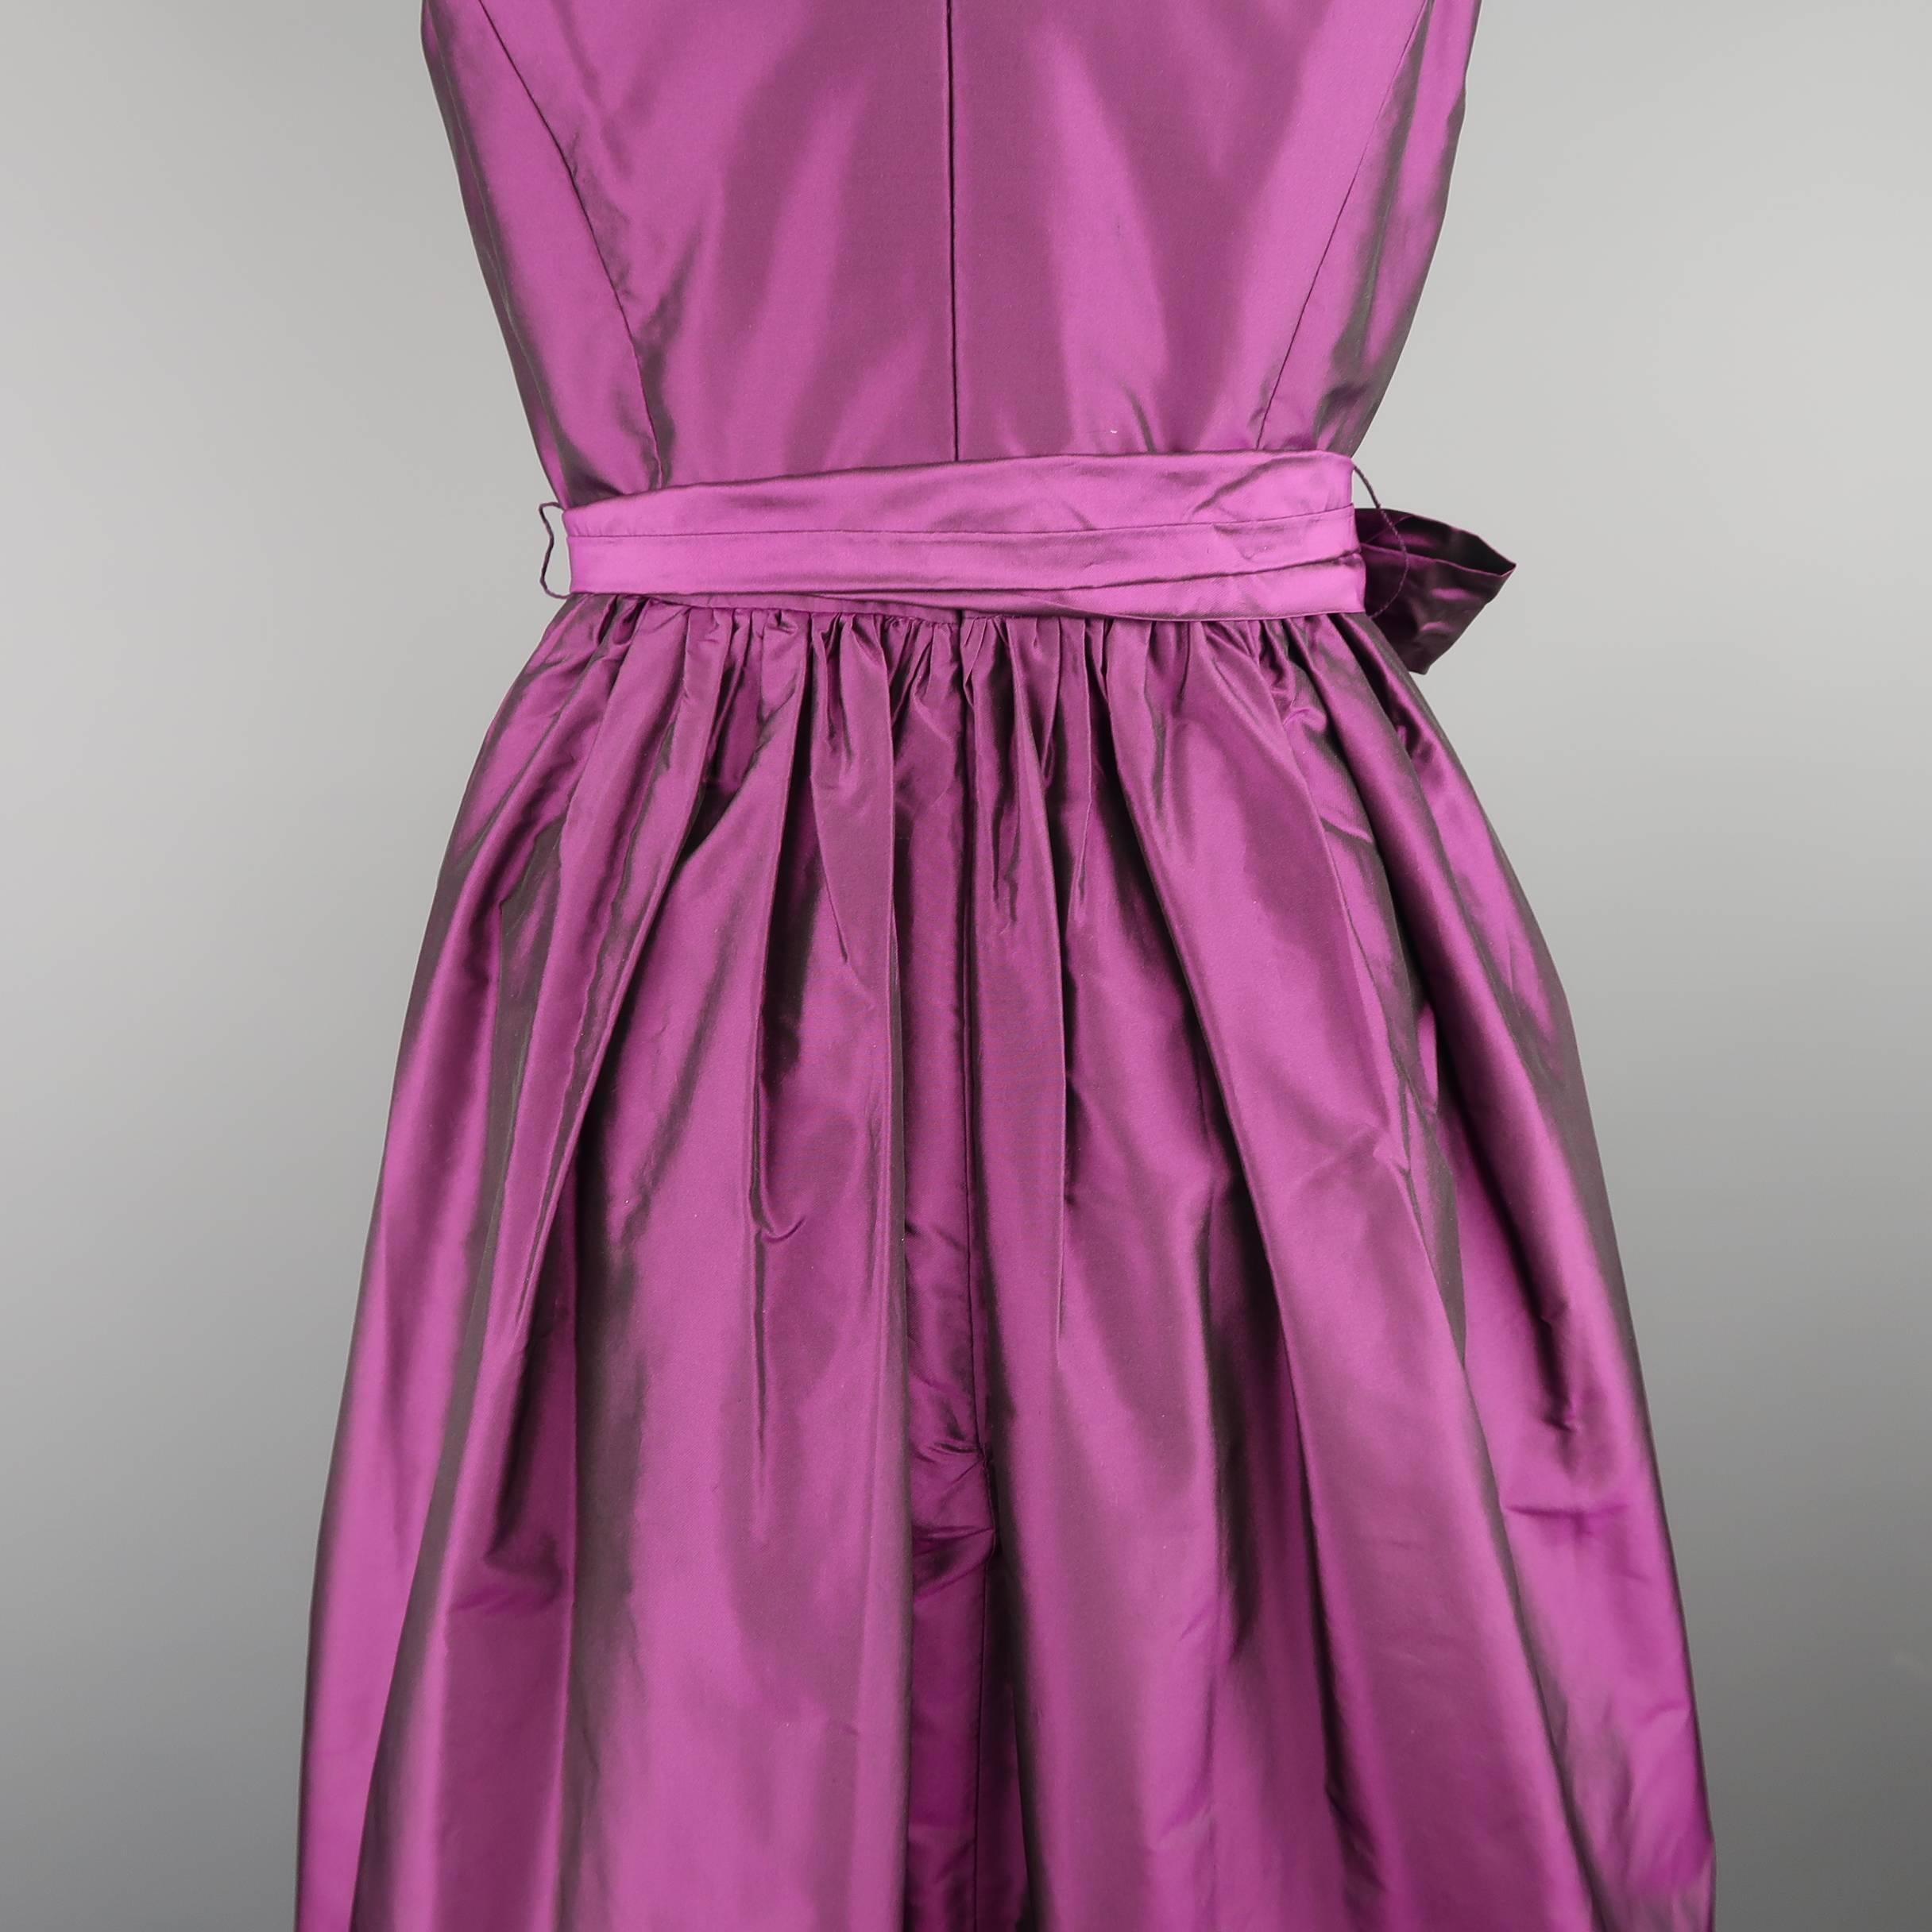 Moderno Vestidos De Cóctel En Dillards Ilustración - Colección de ...